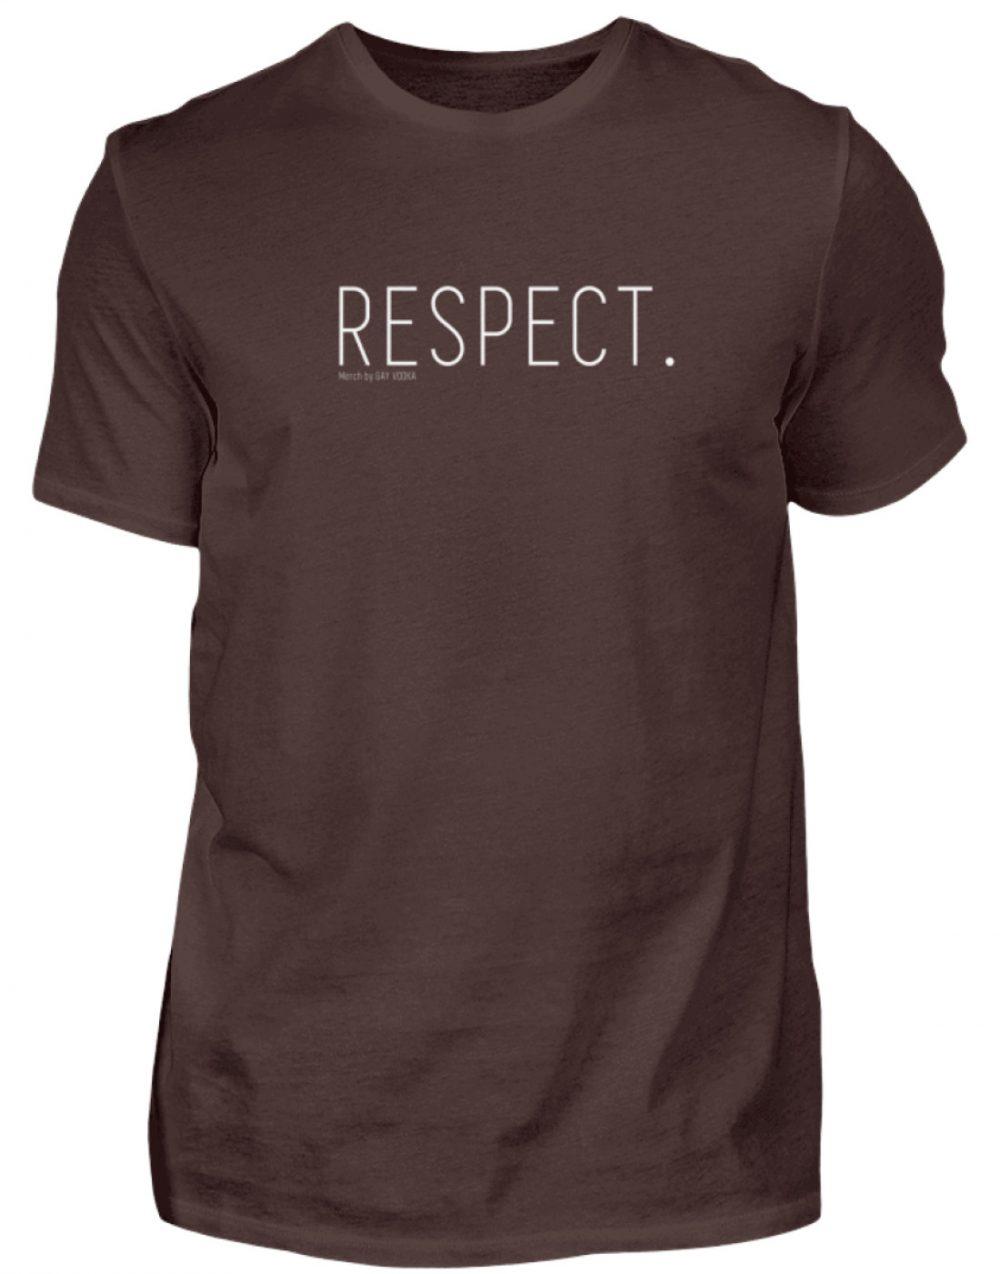 RESPECT. - Herren Premiumshirt-1074